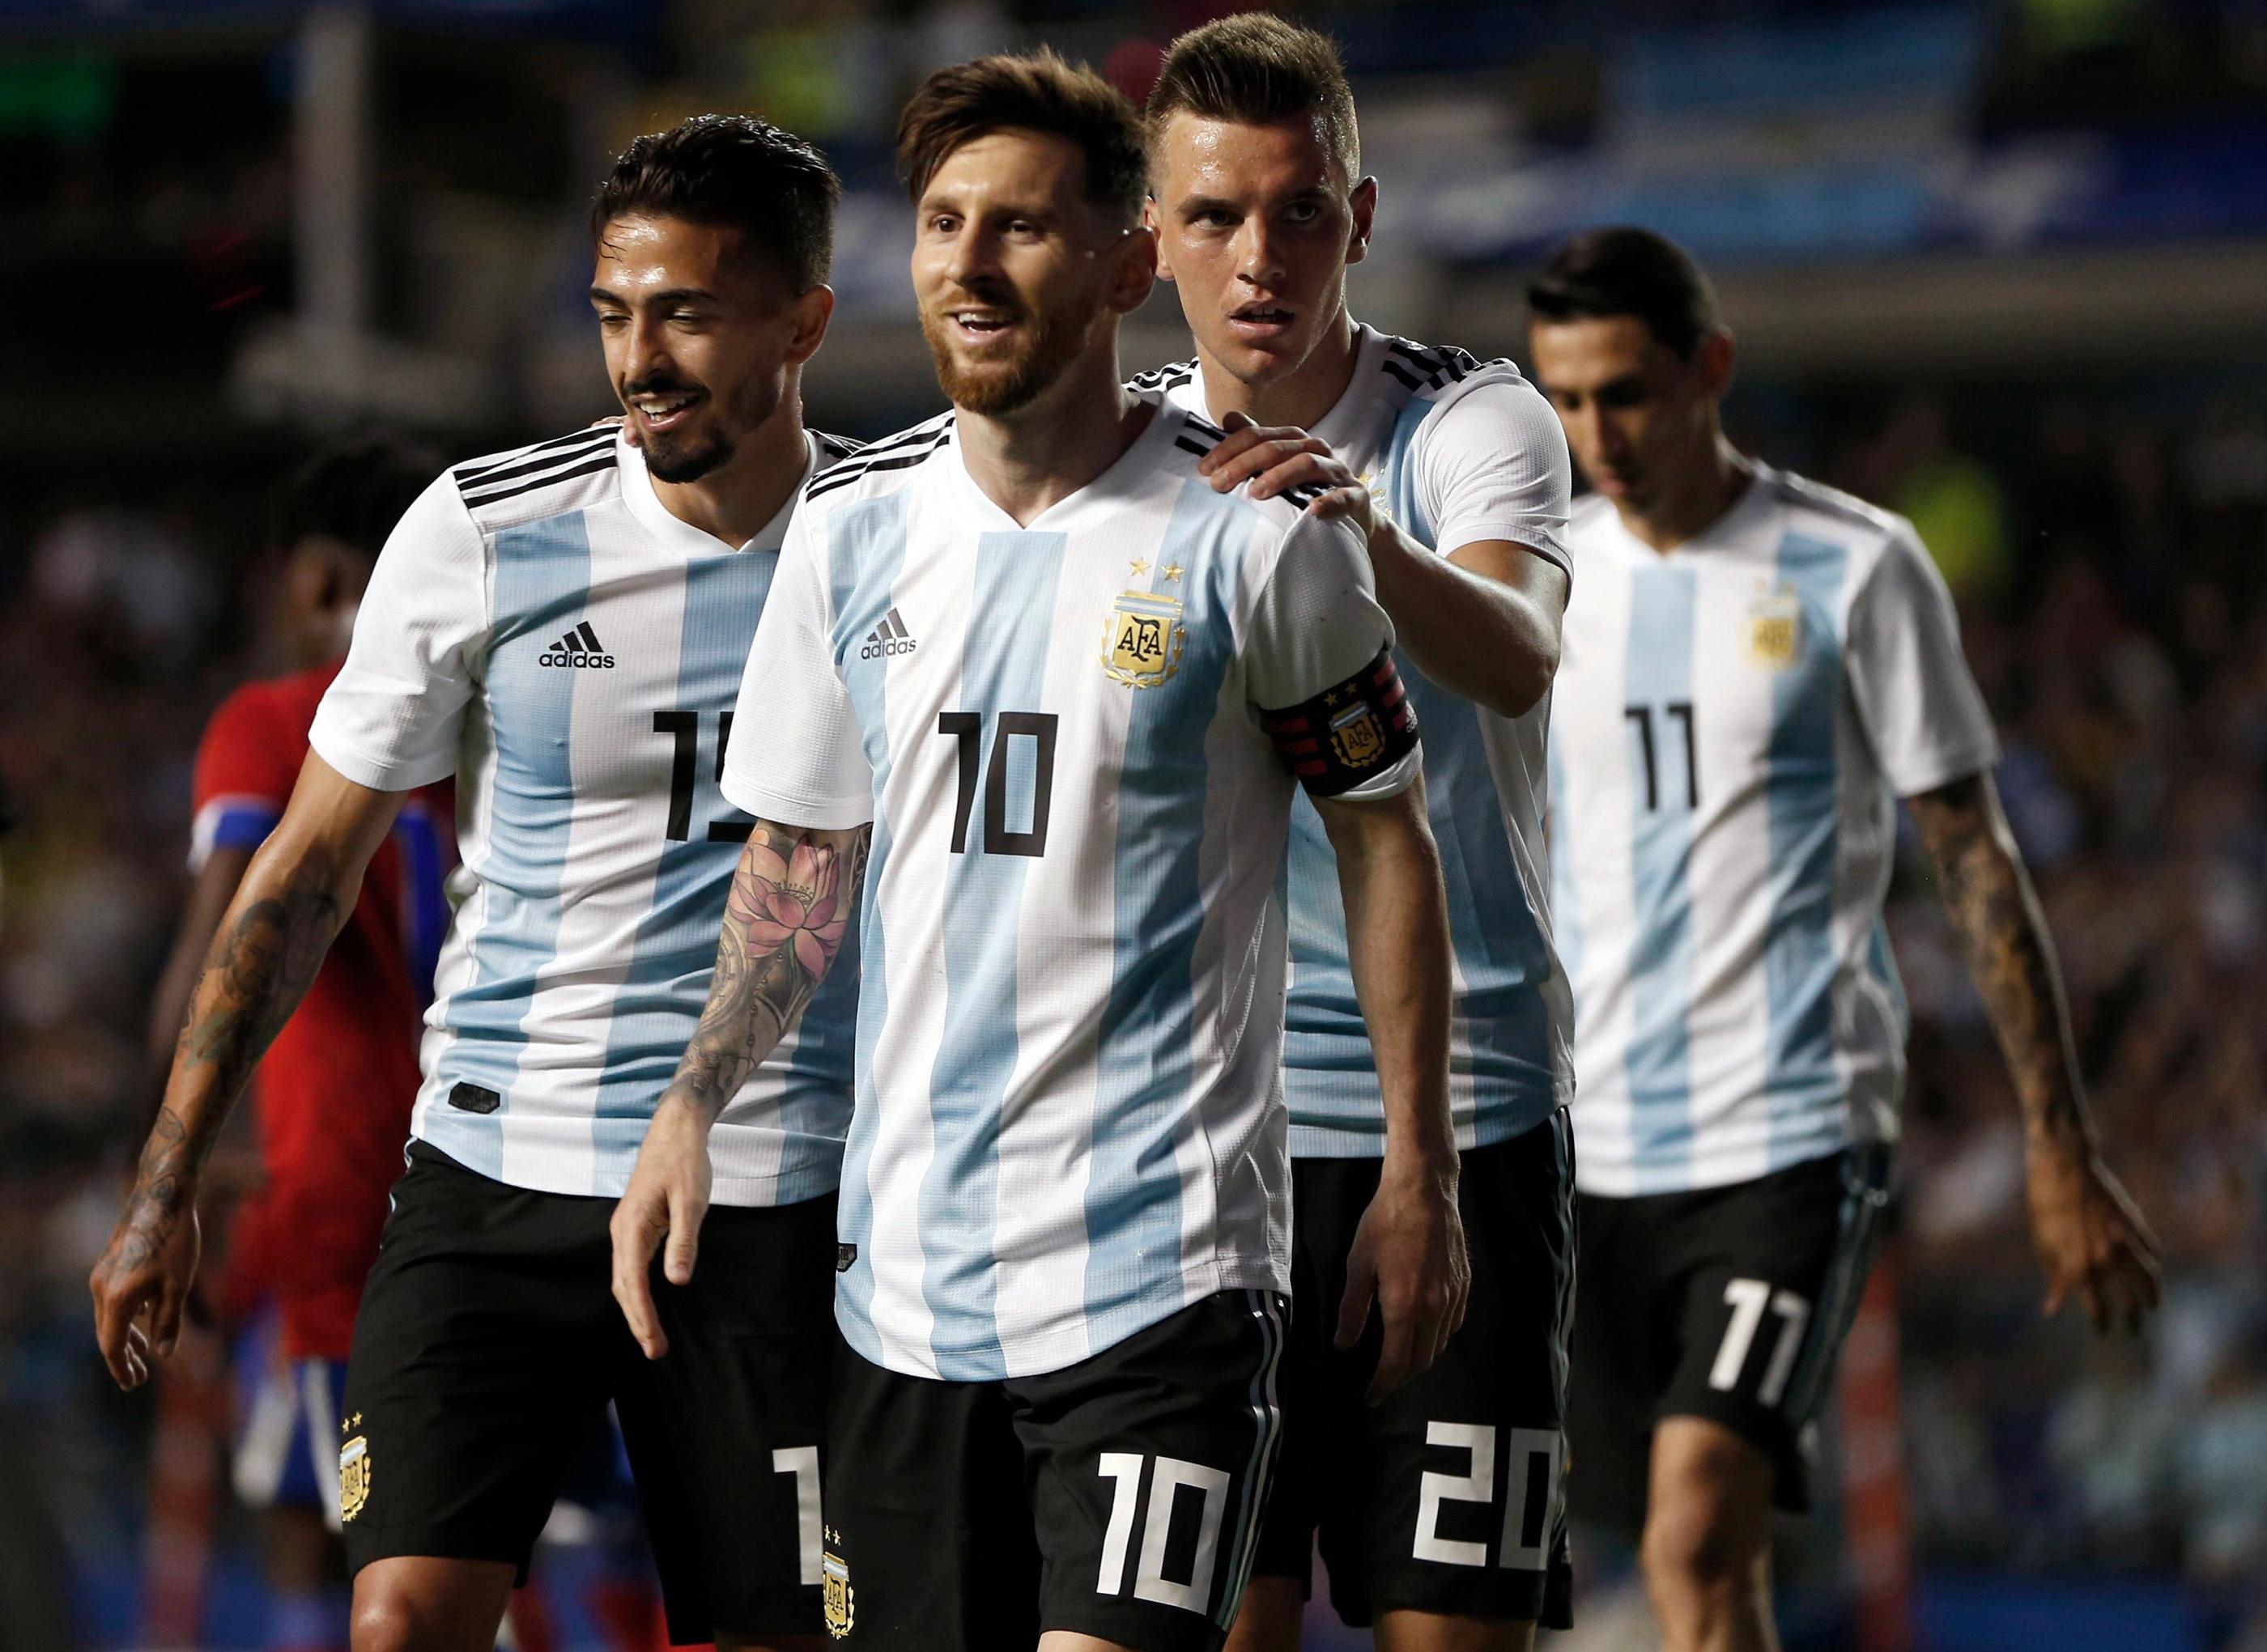 Manuel Lanzini của Argentina, trái, Giovanni Lo Celso, thứ hai bên phải và Angel Di Maria, bên phải, chúc mừng đồng đội Lionel Messi, thứ hai bên trái, sau cú hat trick của anh ấy trong trận đấu giao hữu giữa Argentina và Haiti tại sân vận động Bombonera ở Buenos Aires, Argentina , Ngày 29 tháng 5 năm 2018.